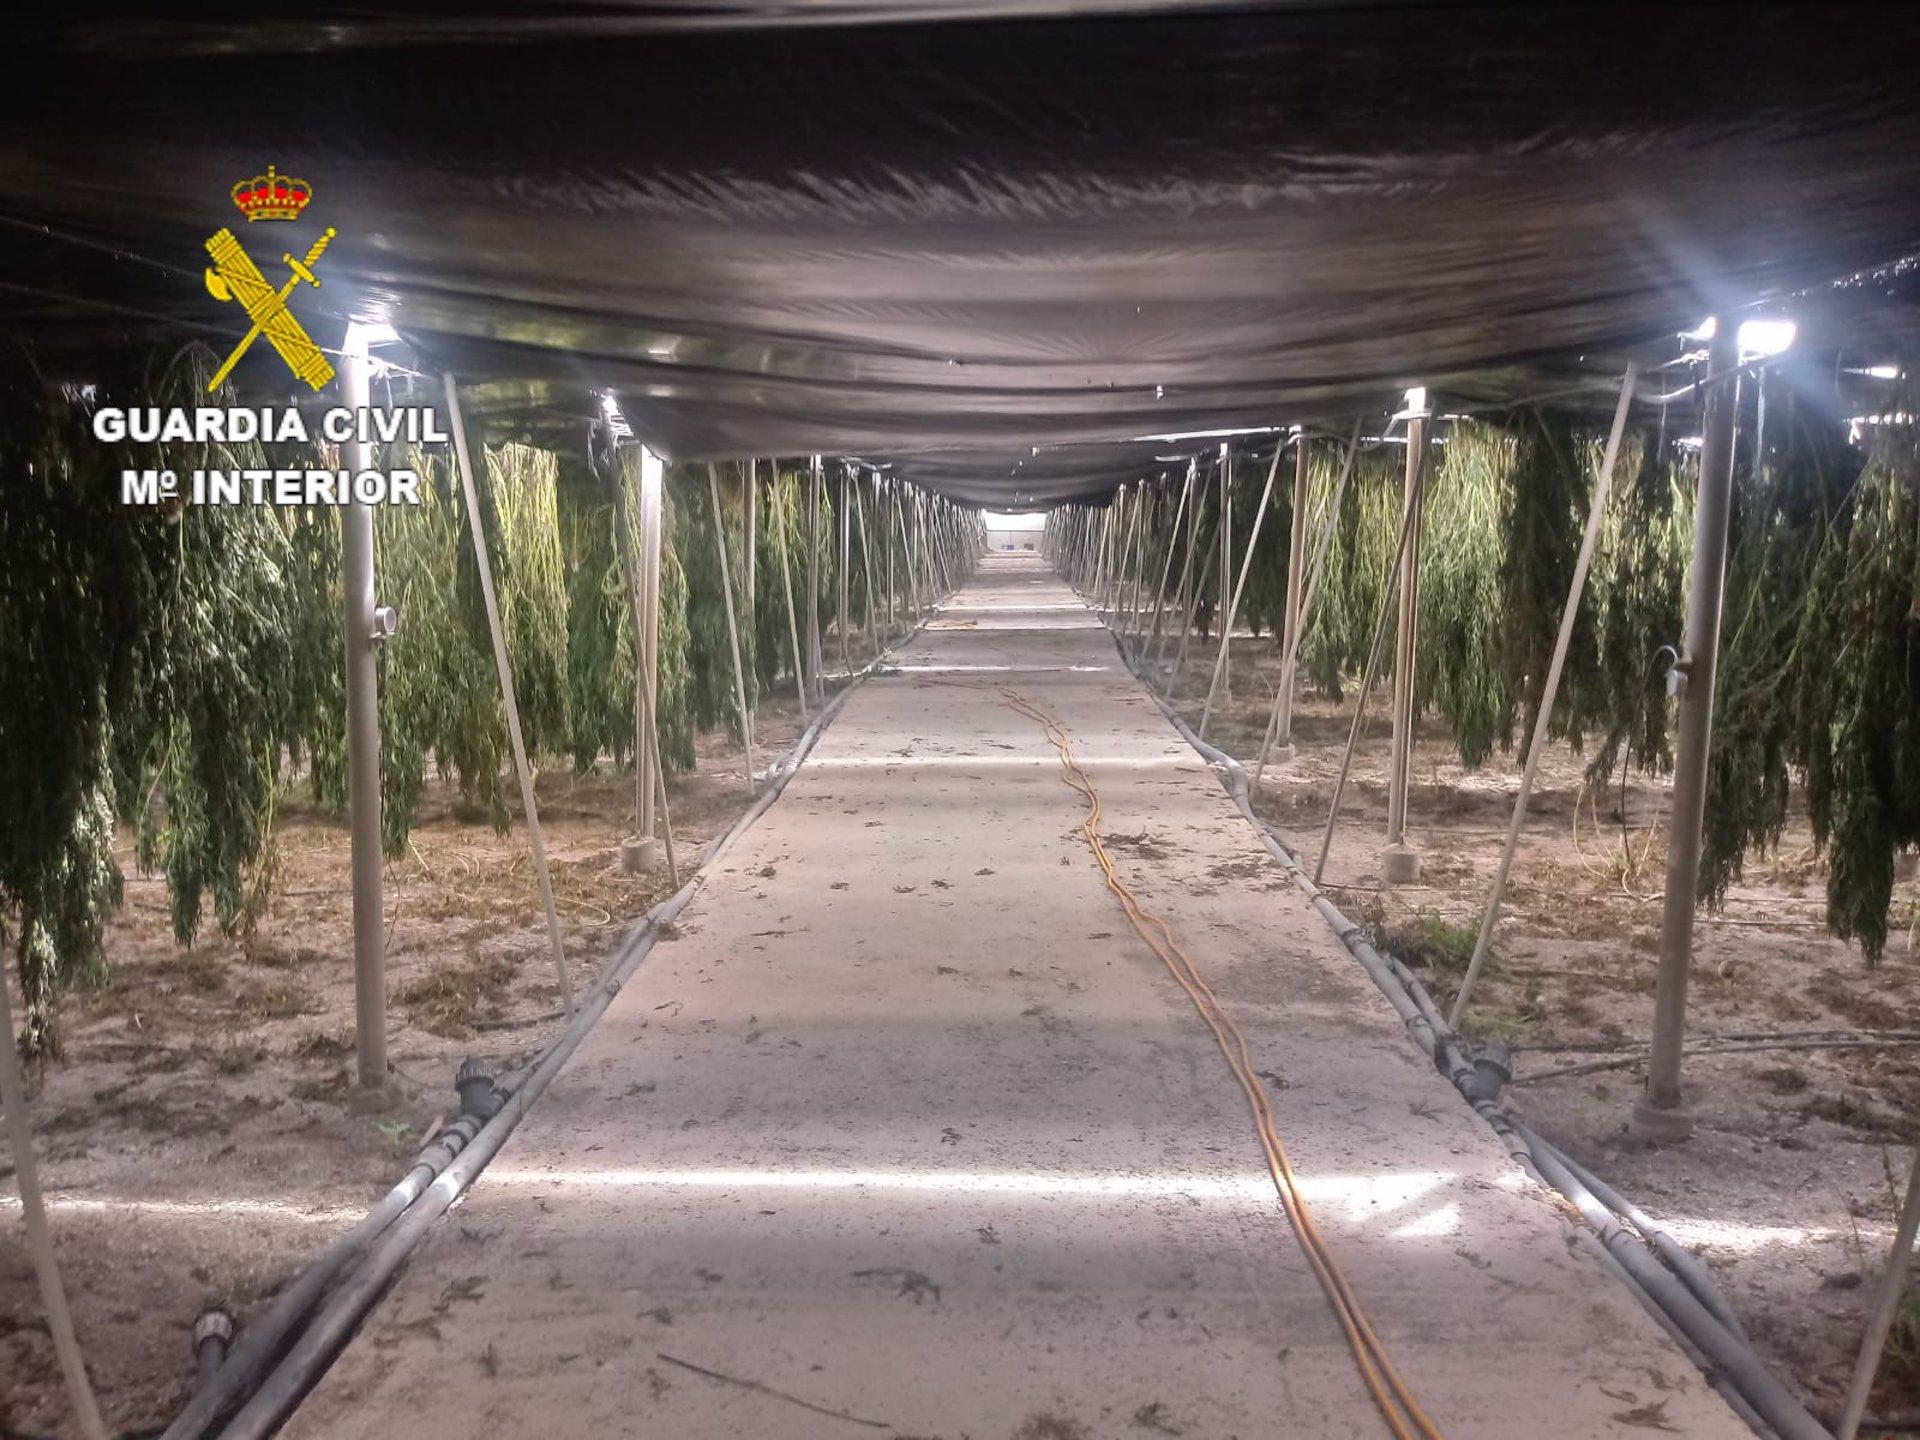 Guardia Civil se incauta de 18.606 plantas de cannabis en dos invernaderos de Sorvilán y Albuñol